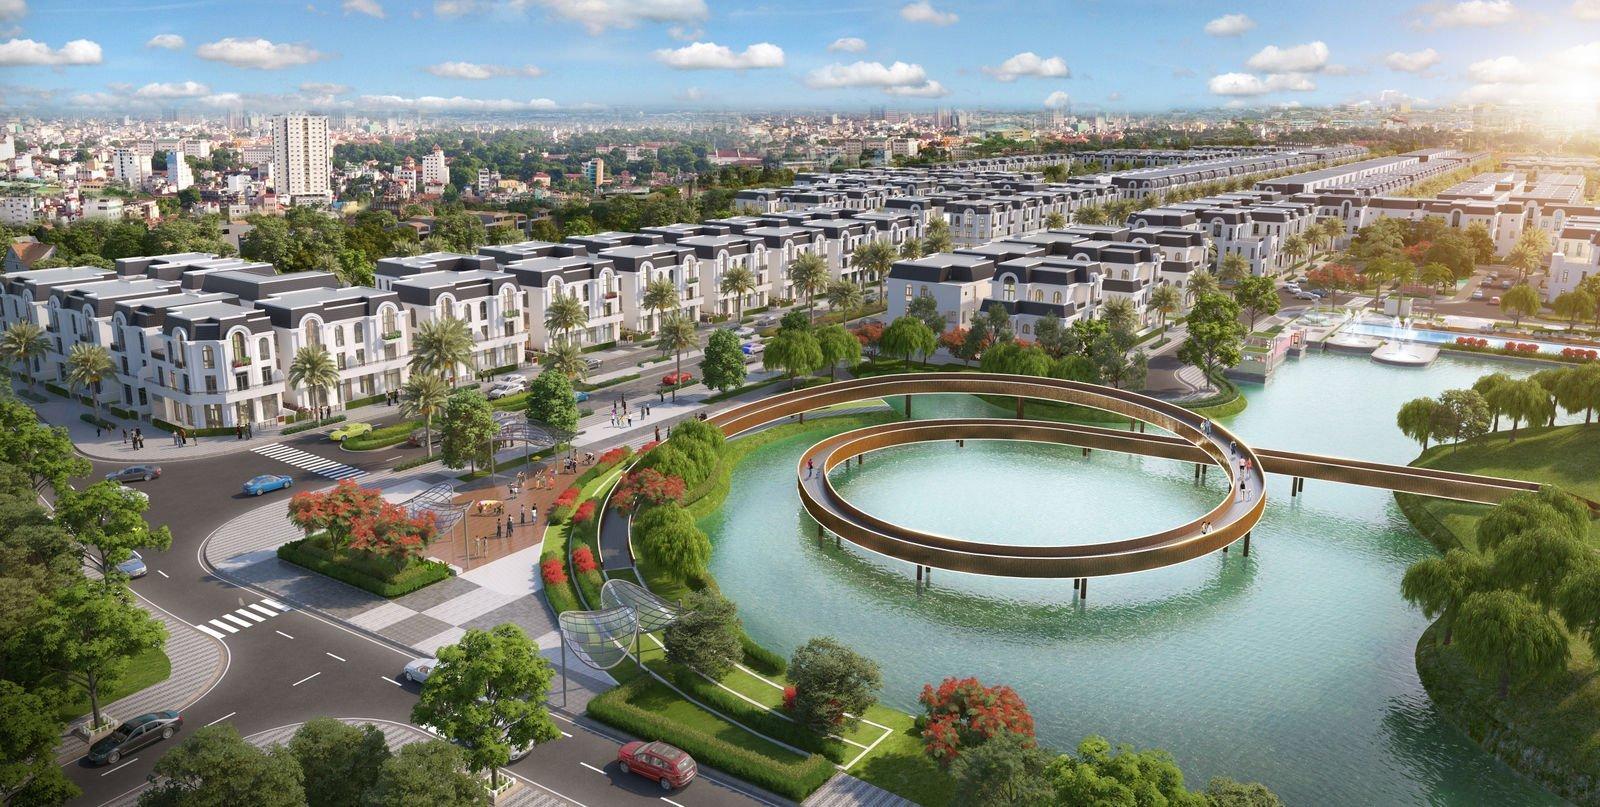 Dự án Khu đô thị The Crown Villas Thái Nguyên: Mặt bằng, tiến độ ...